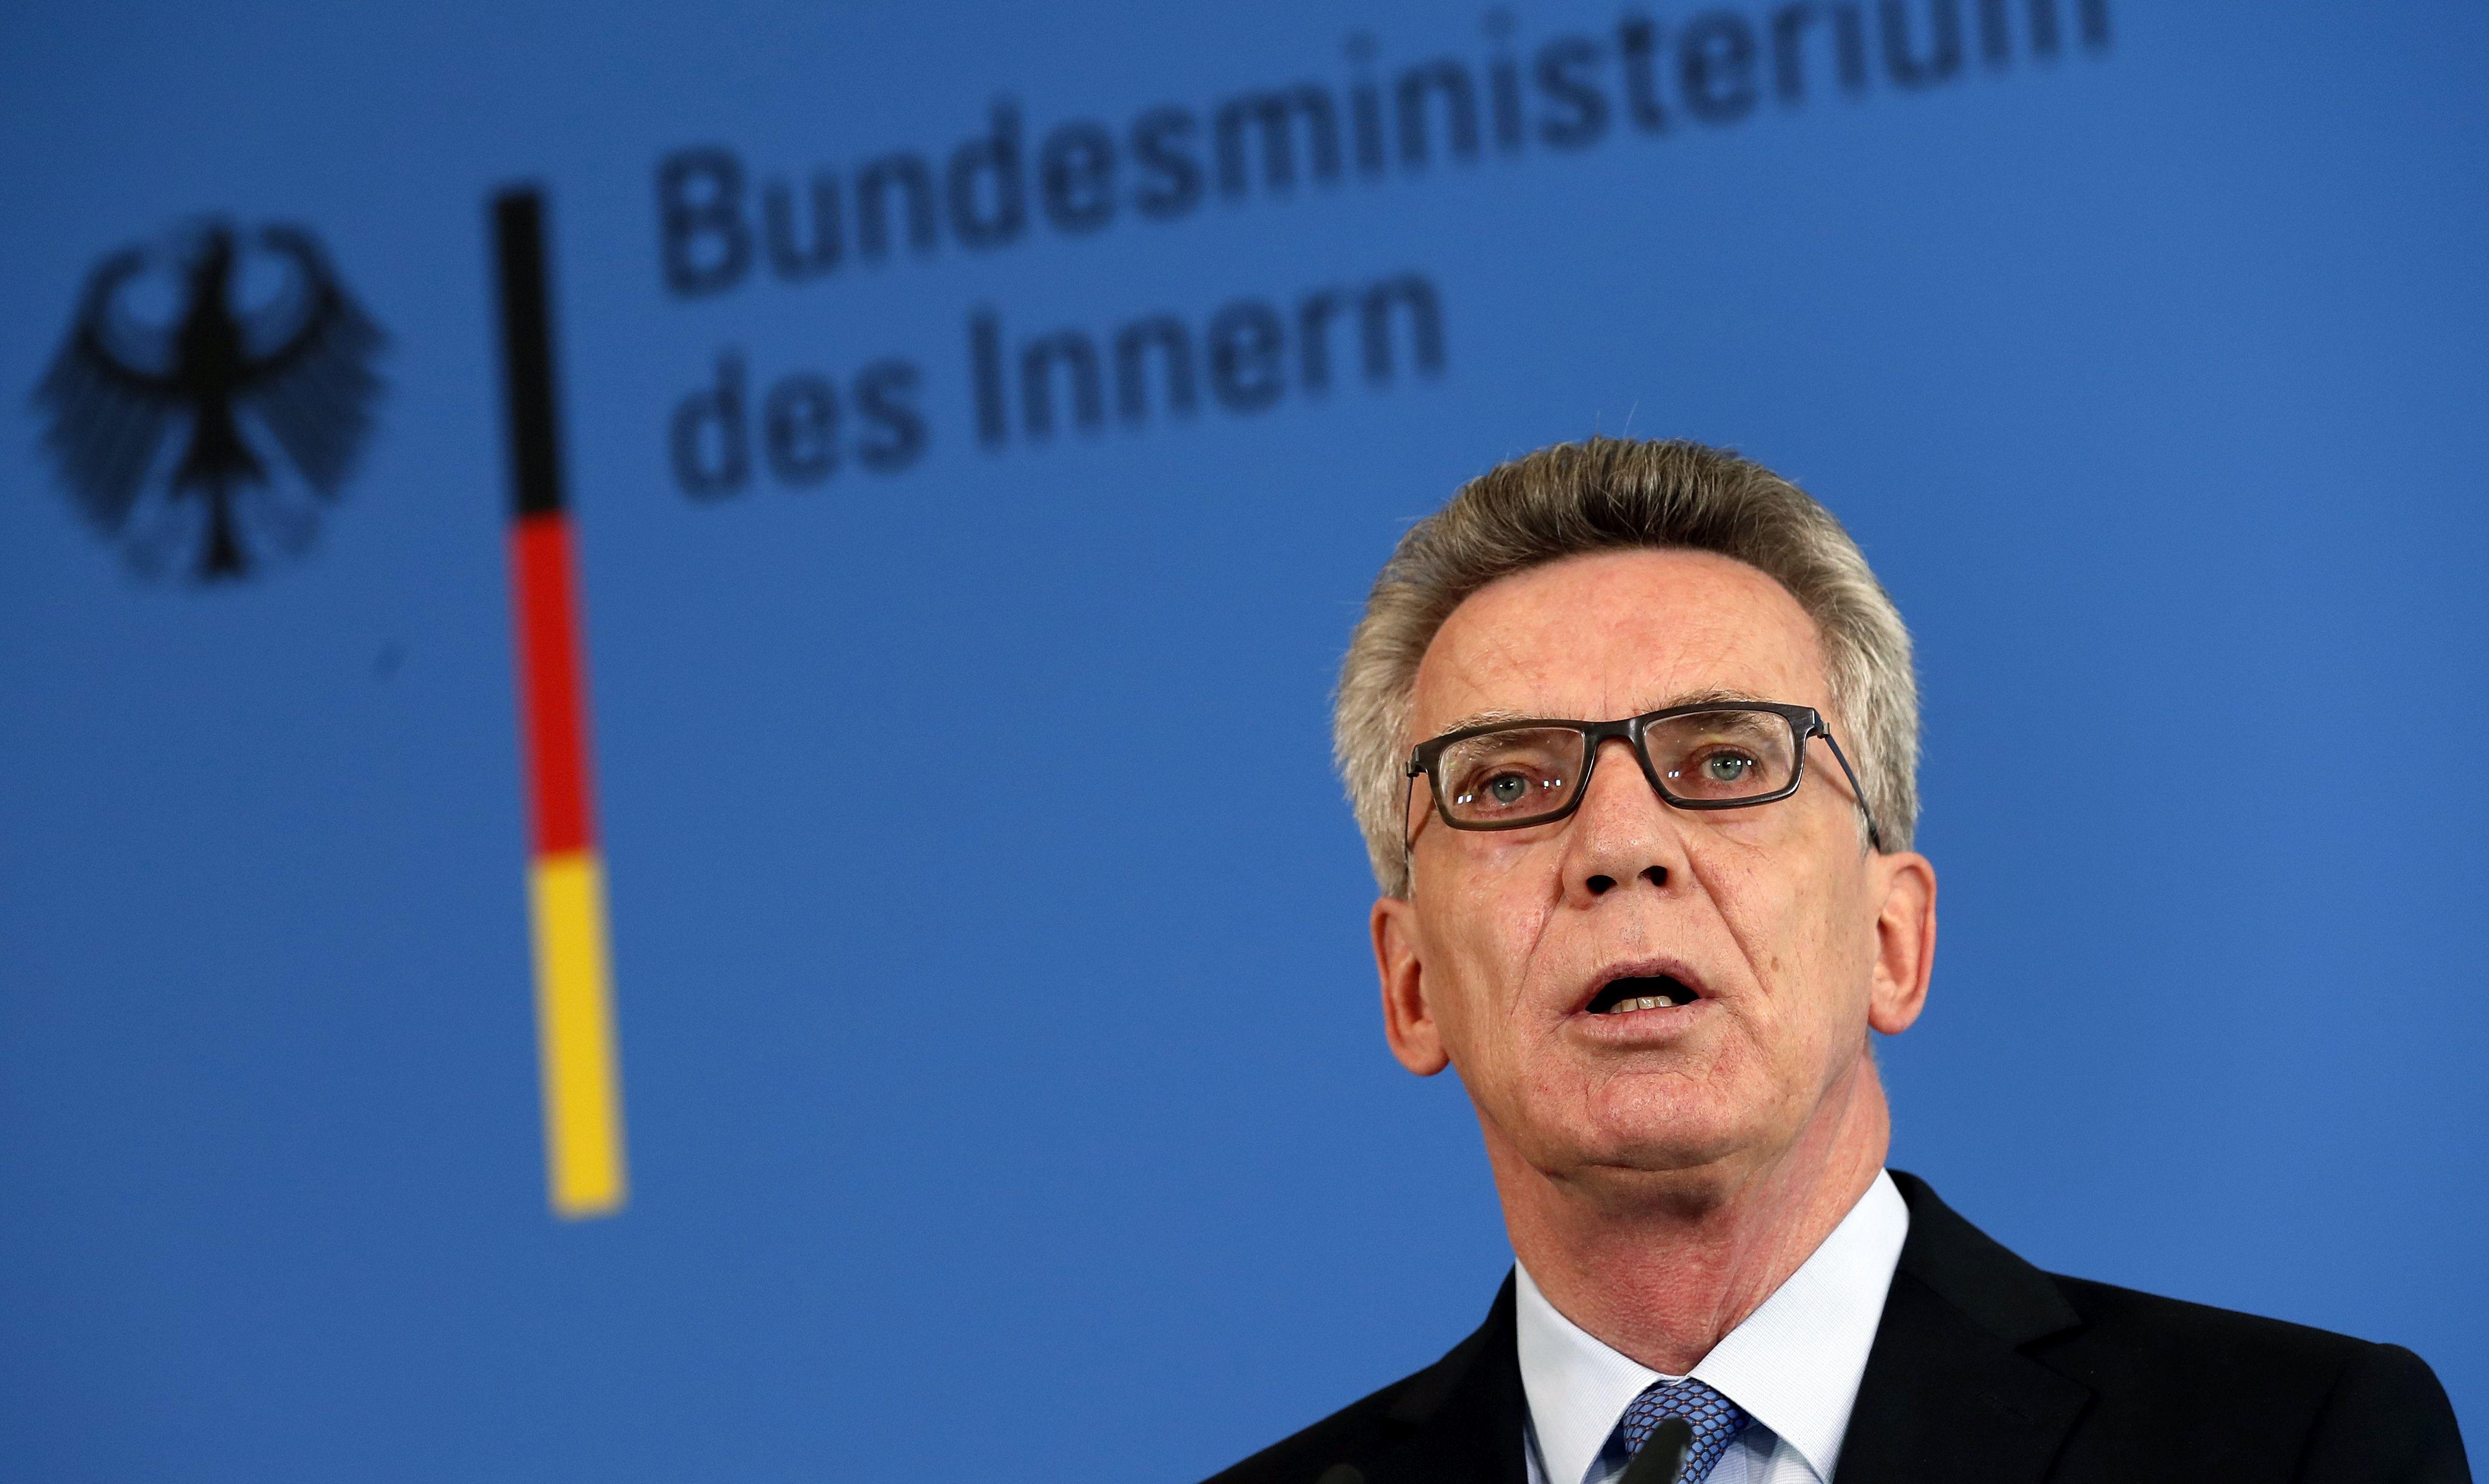 Njemačka i Austrija protiv brzog širenja schengenske zone